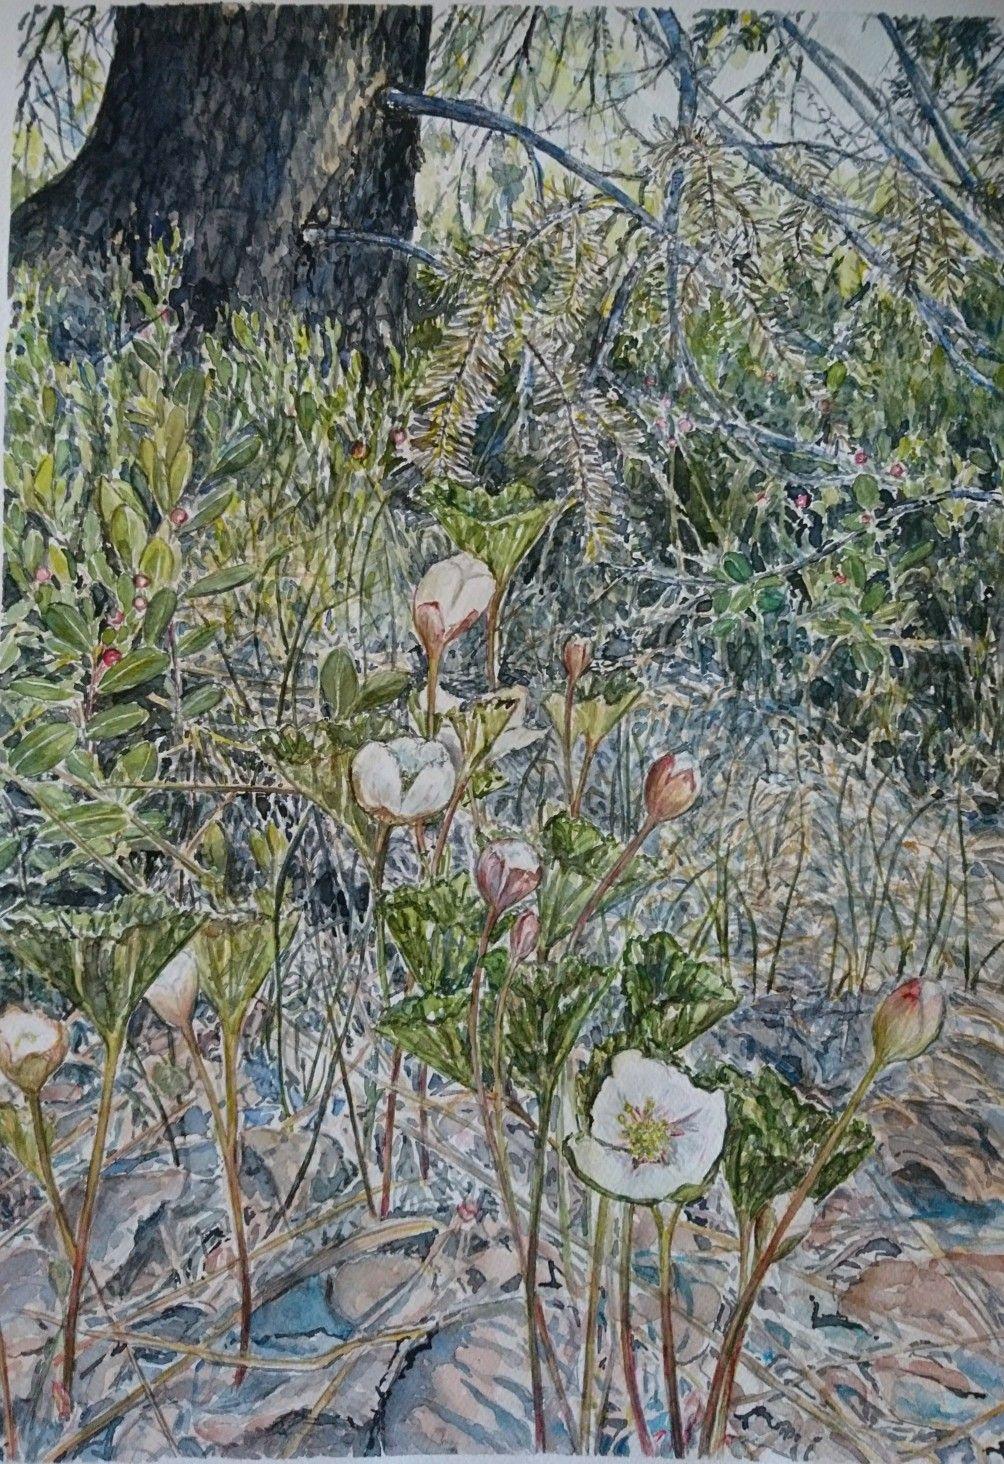 Watercolor. Norwegian spring. Akvarell. Vår og blomstrende multeblomster i skogen. Gerd Østlie Elgshøen.